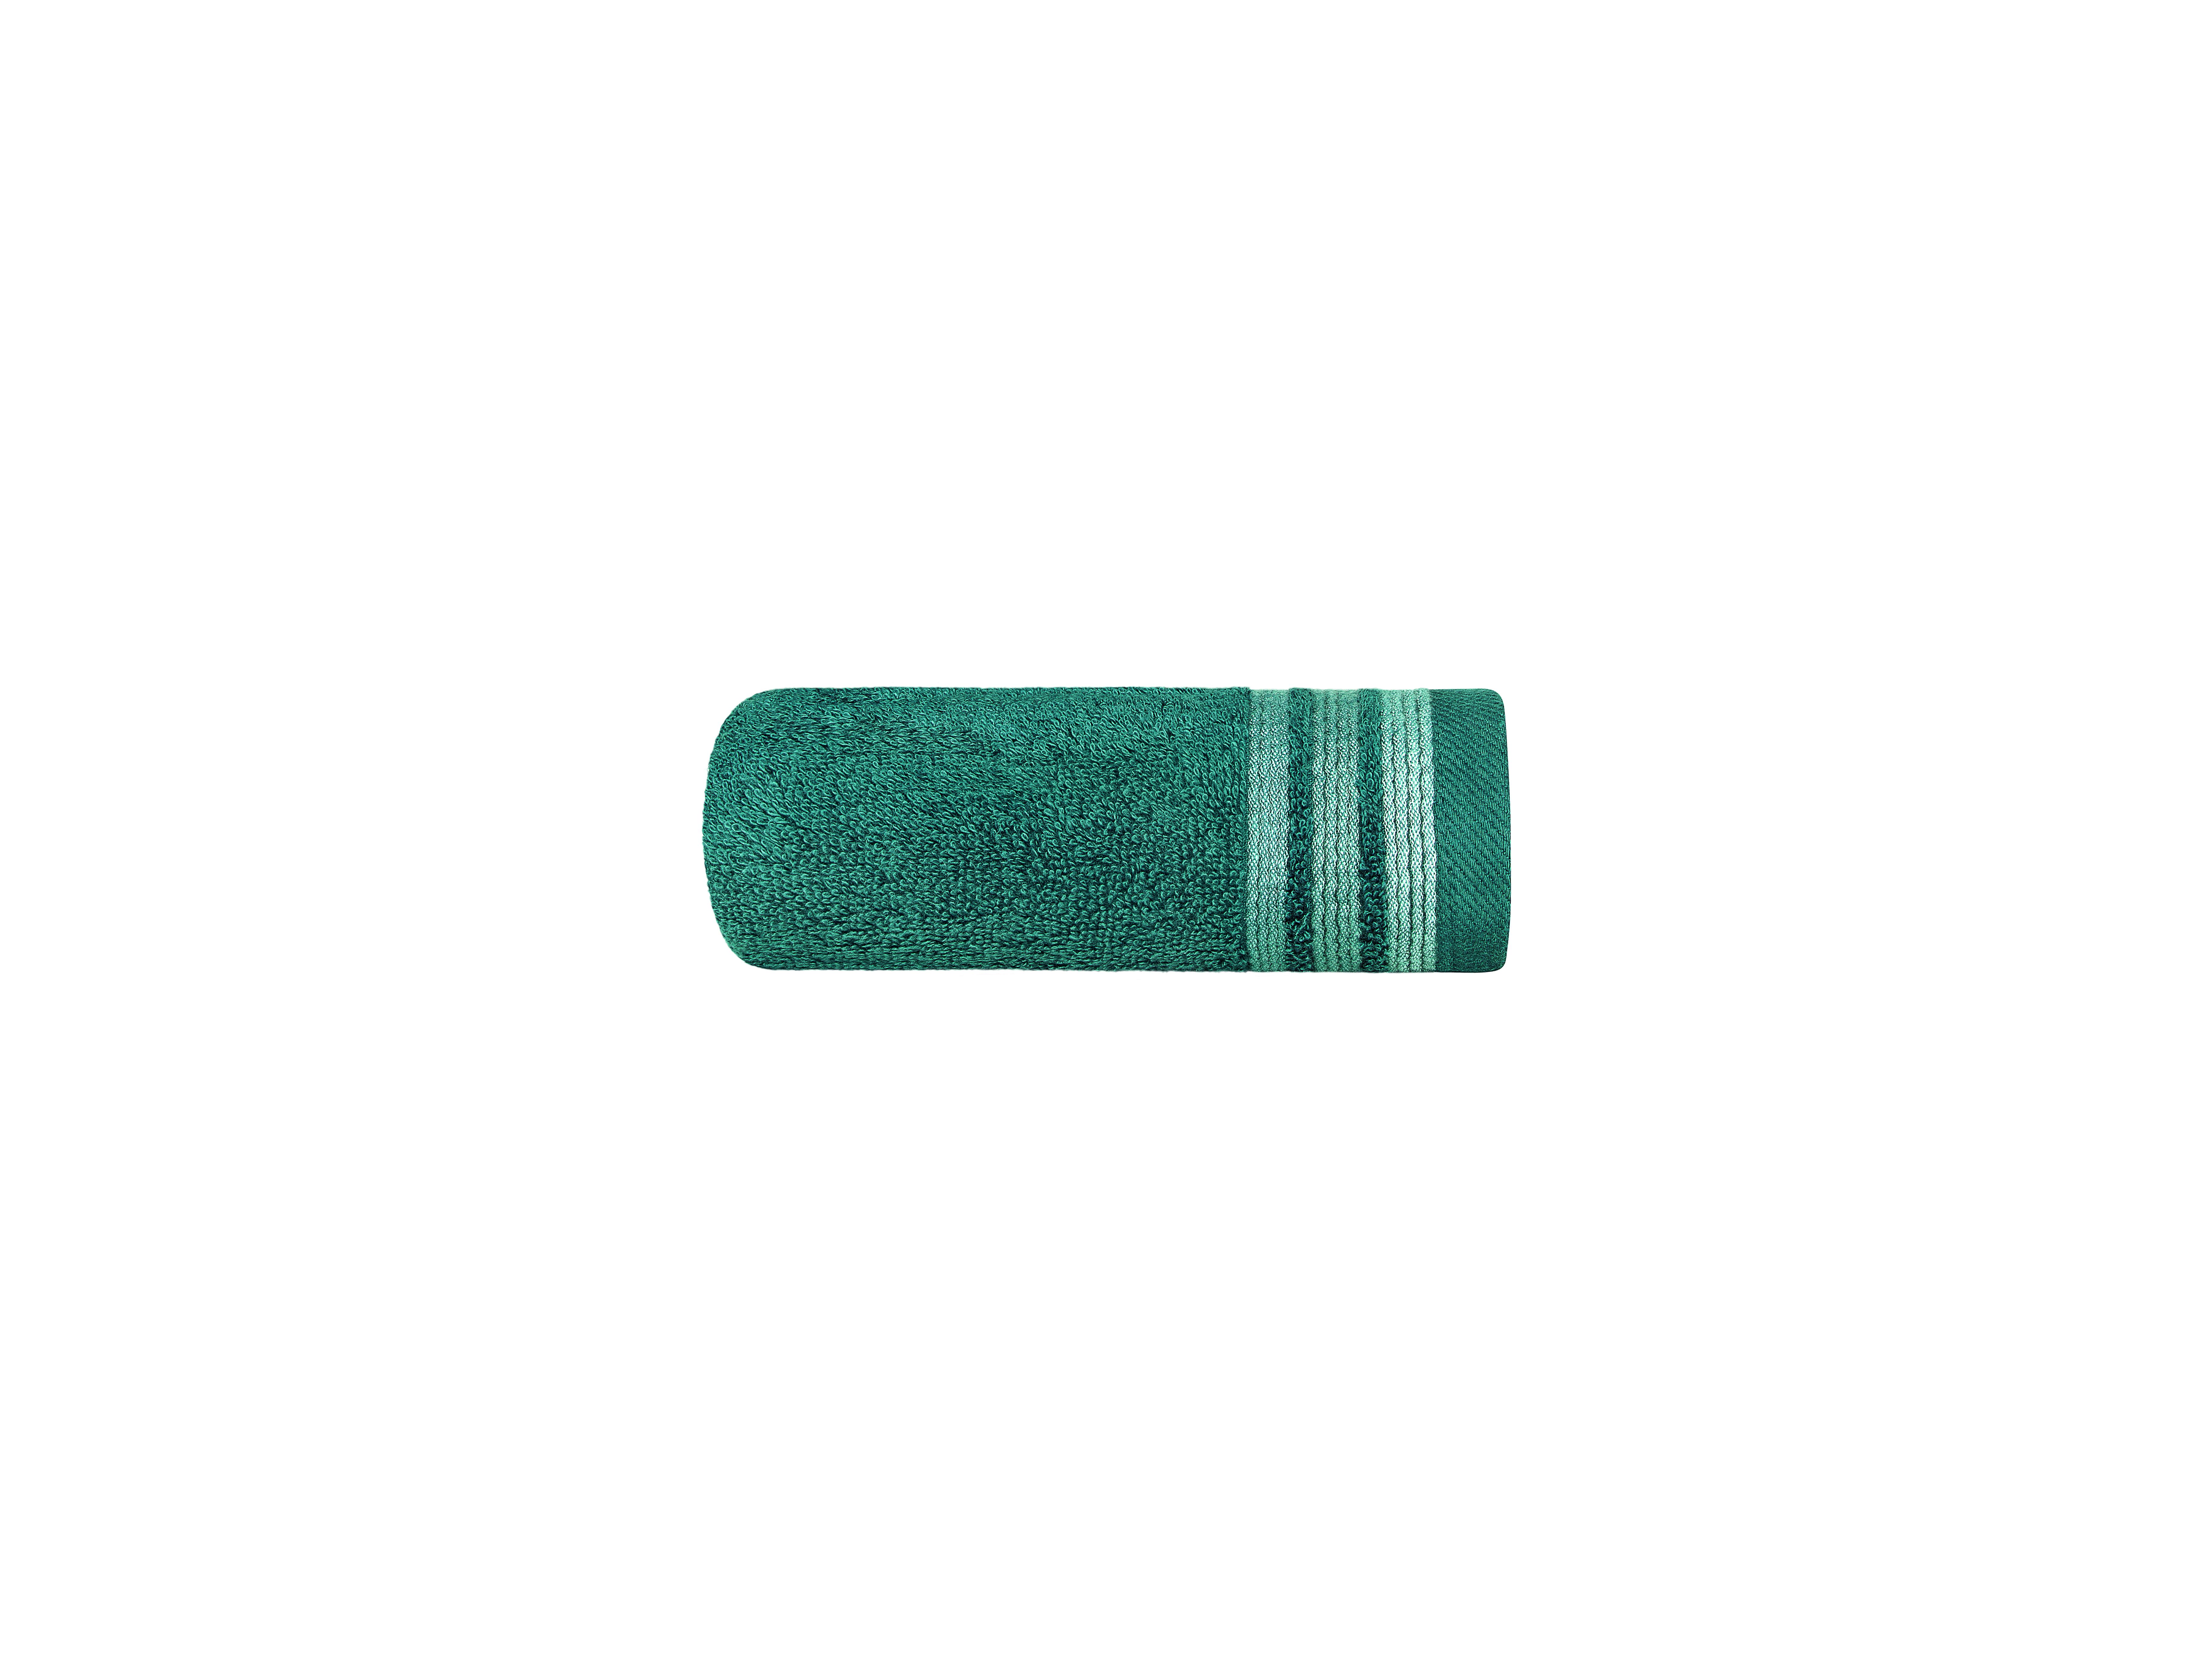 Купить Полотенца ESTIA, Полотенце Эспозито Цвет: Аква (40х60 см), Греция, Зеленый, Махра